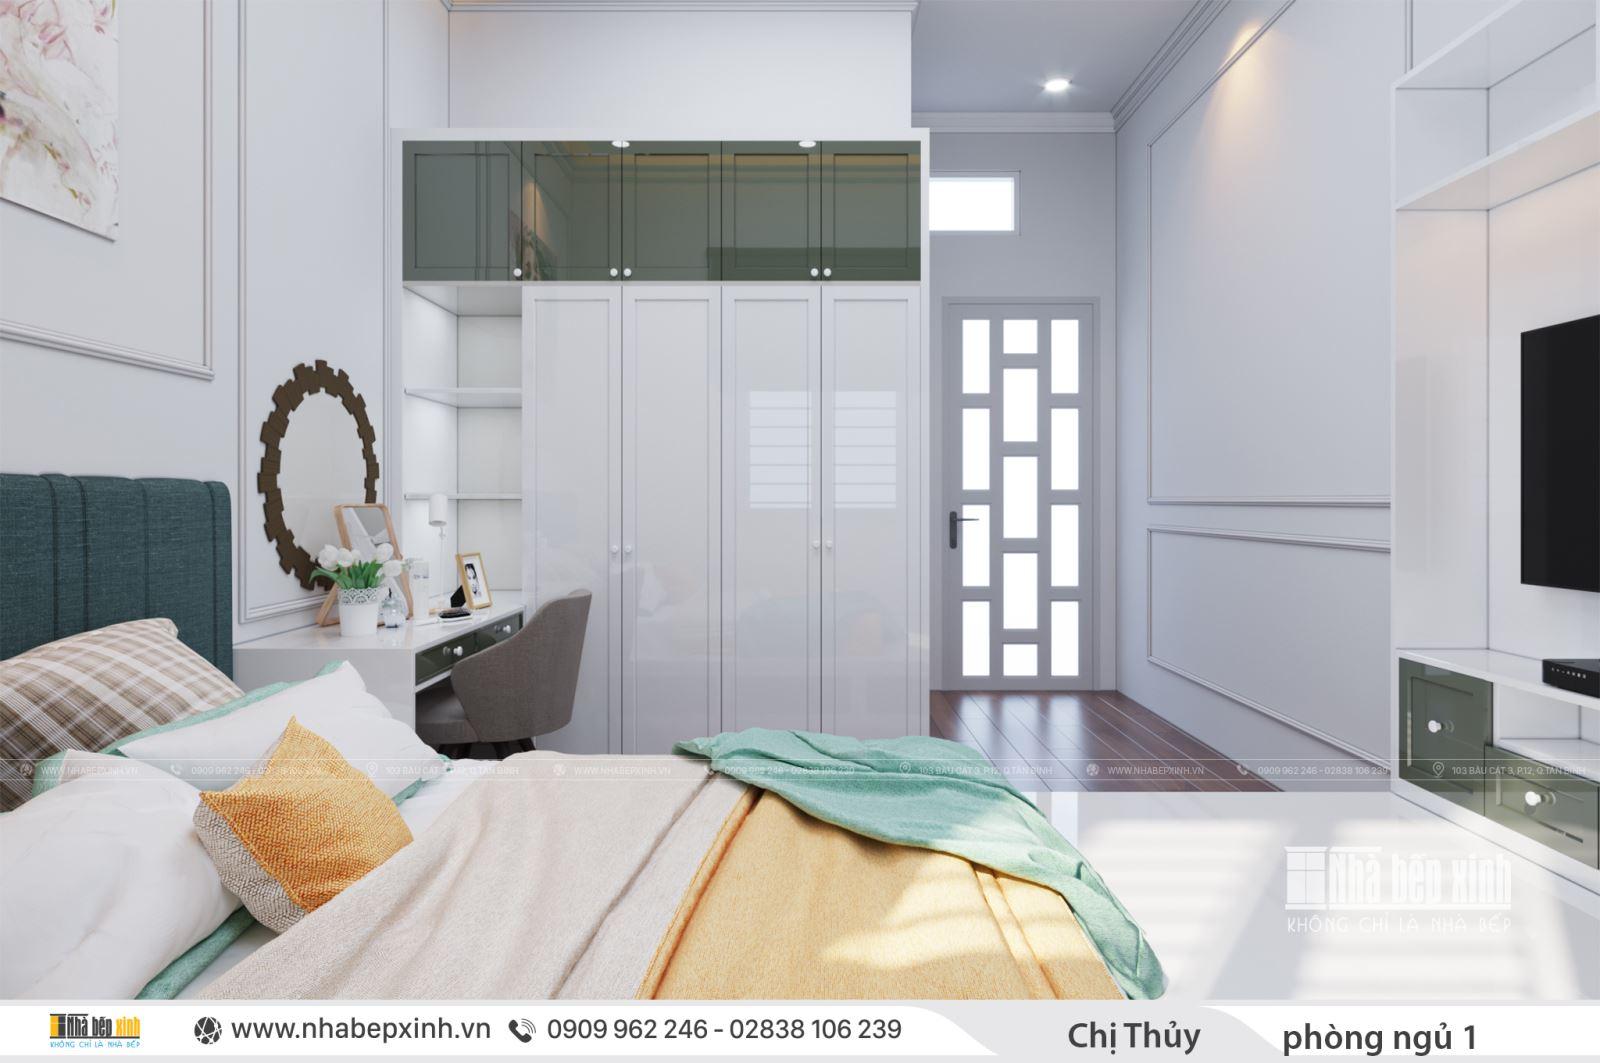 Phòng ngủ đẹp khi thiết kế nội thất hiện đại